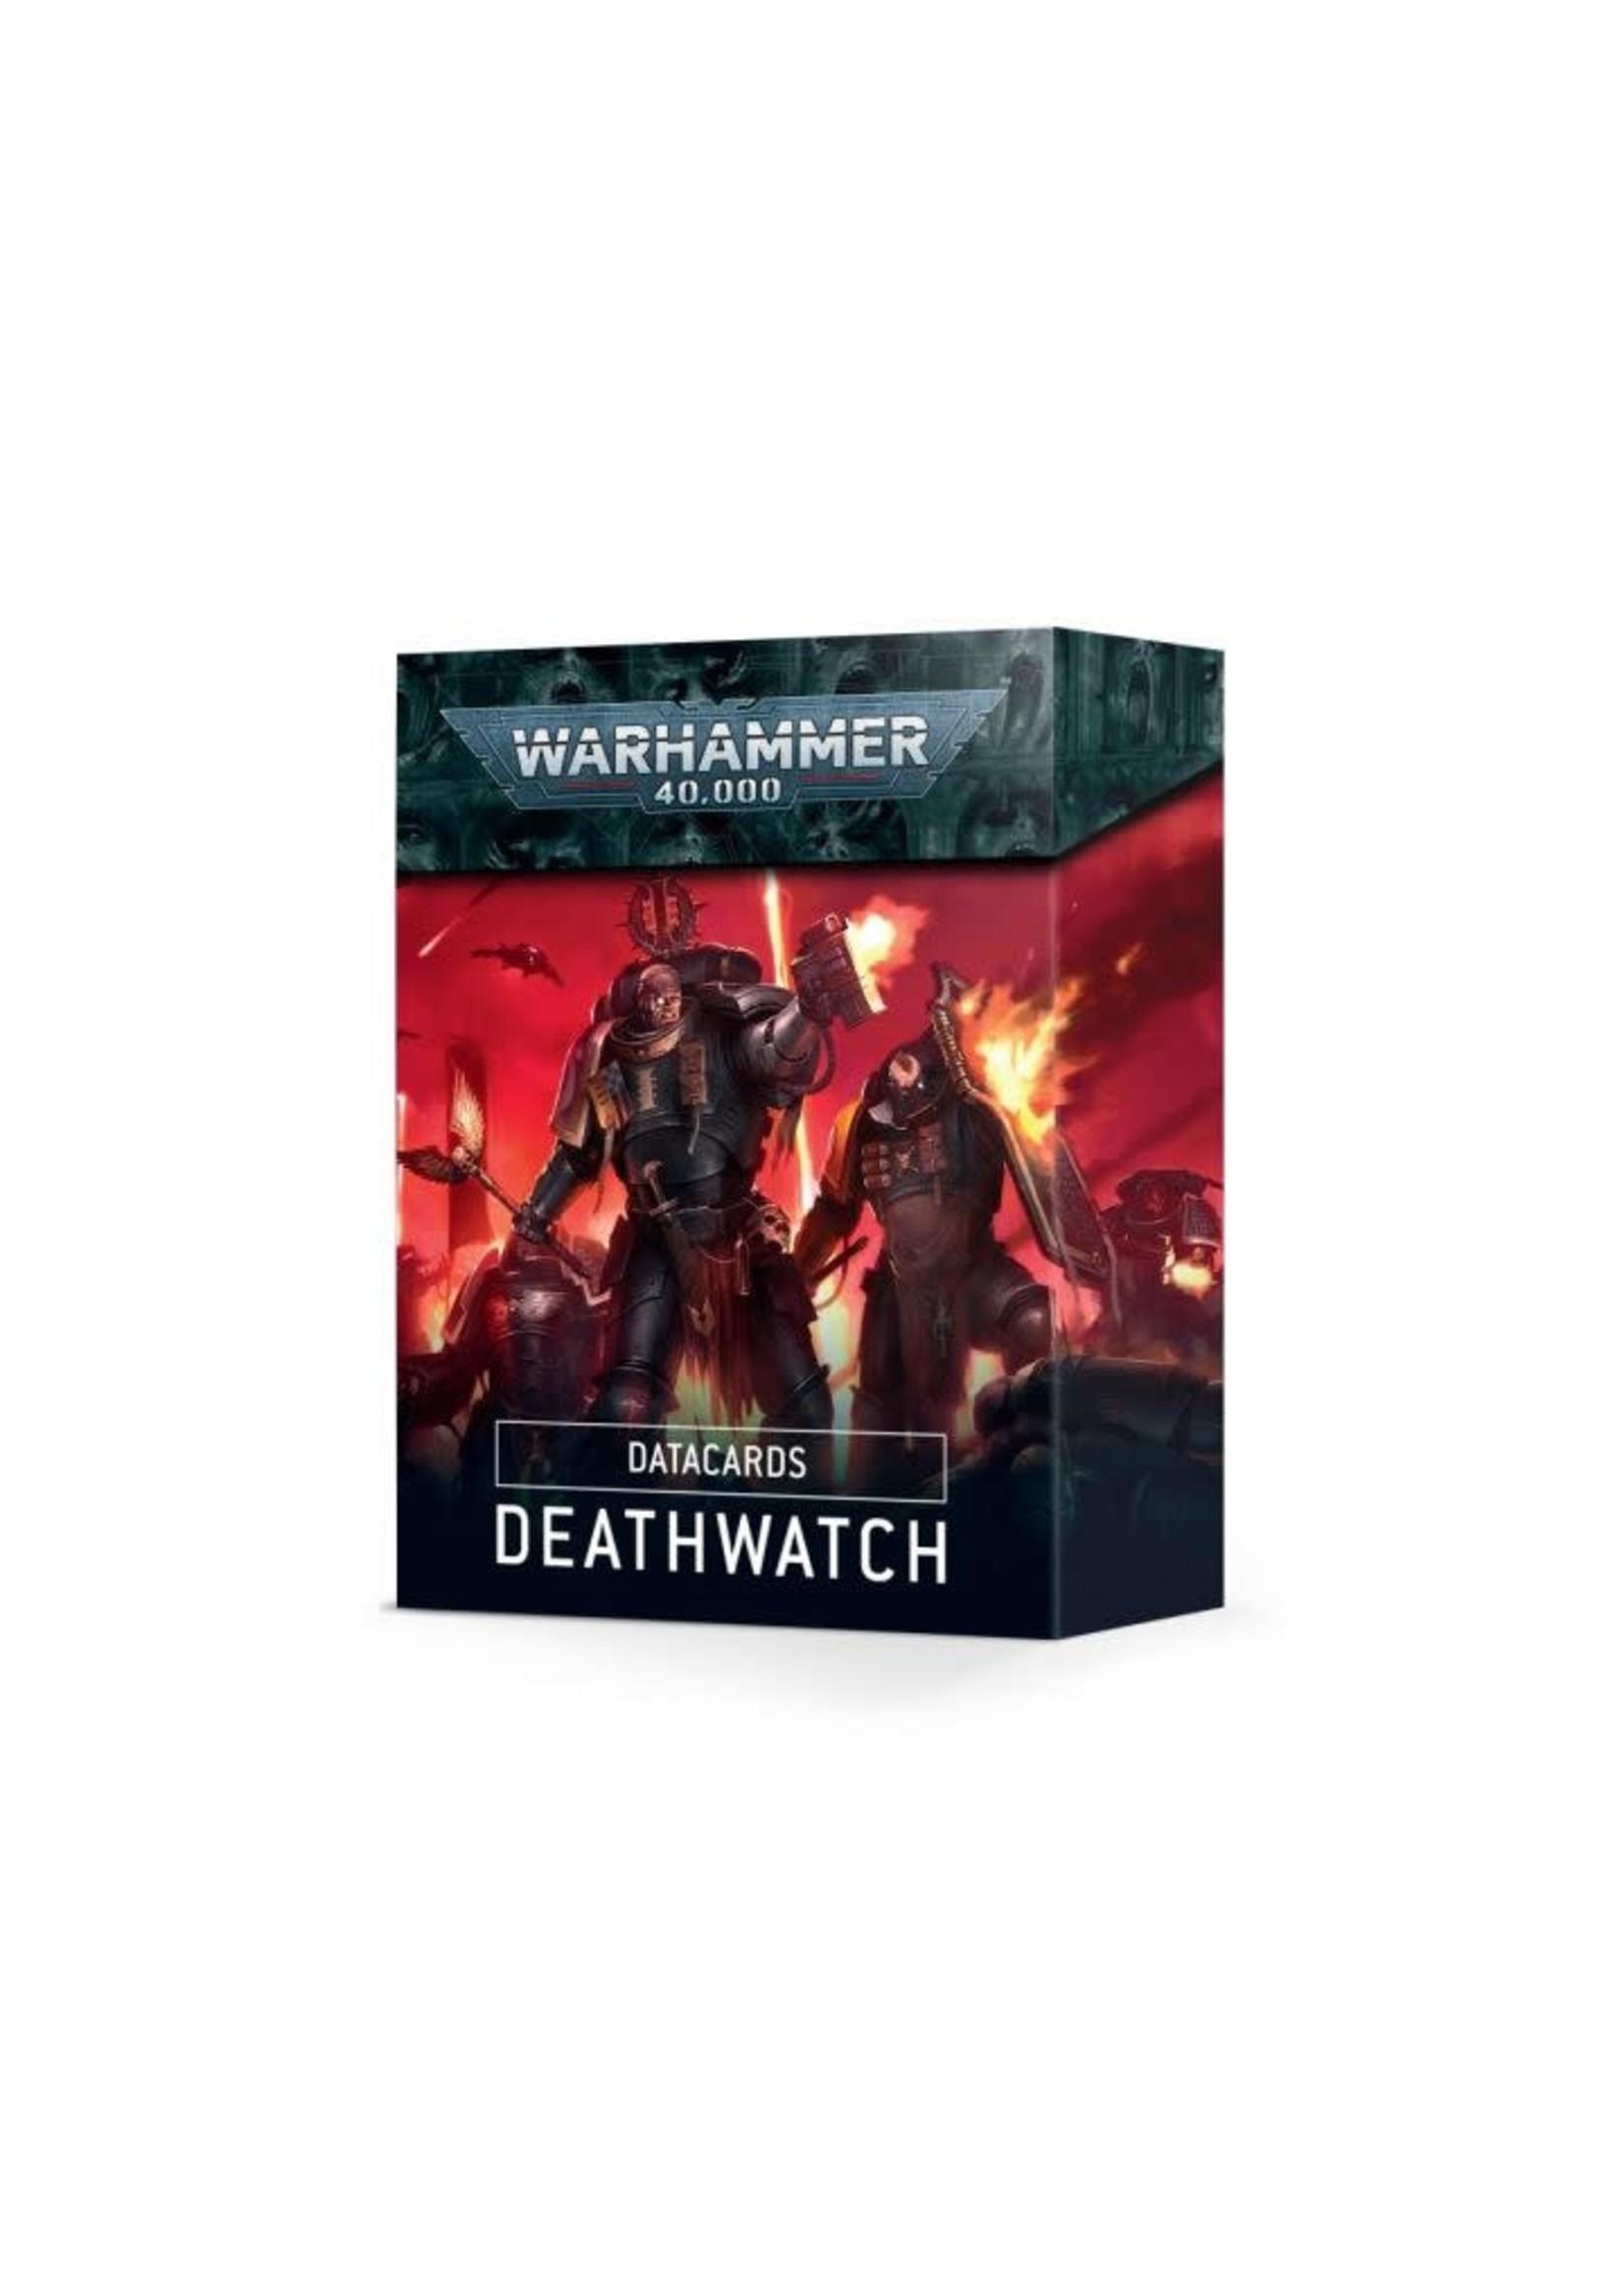 Datacards: Deathwatch